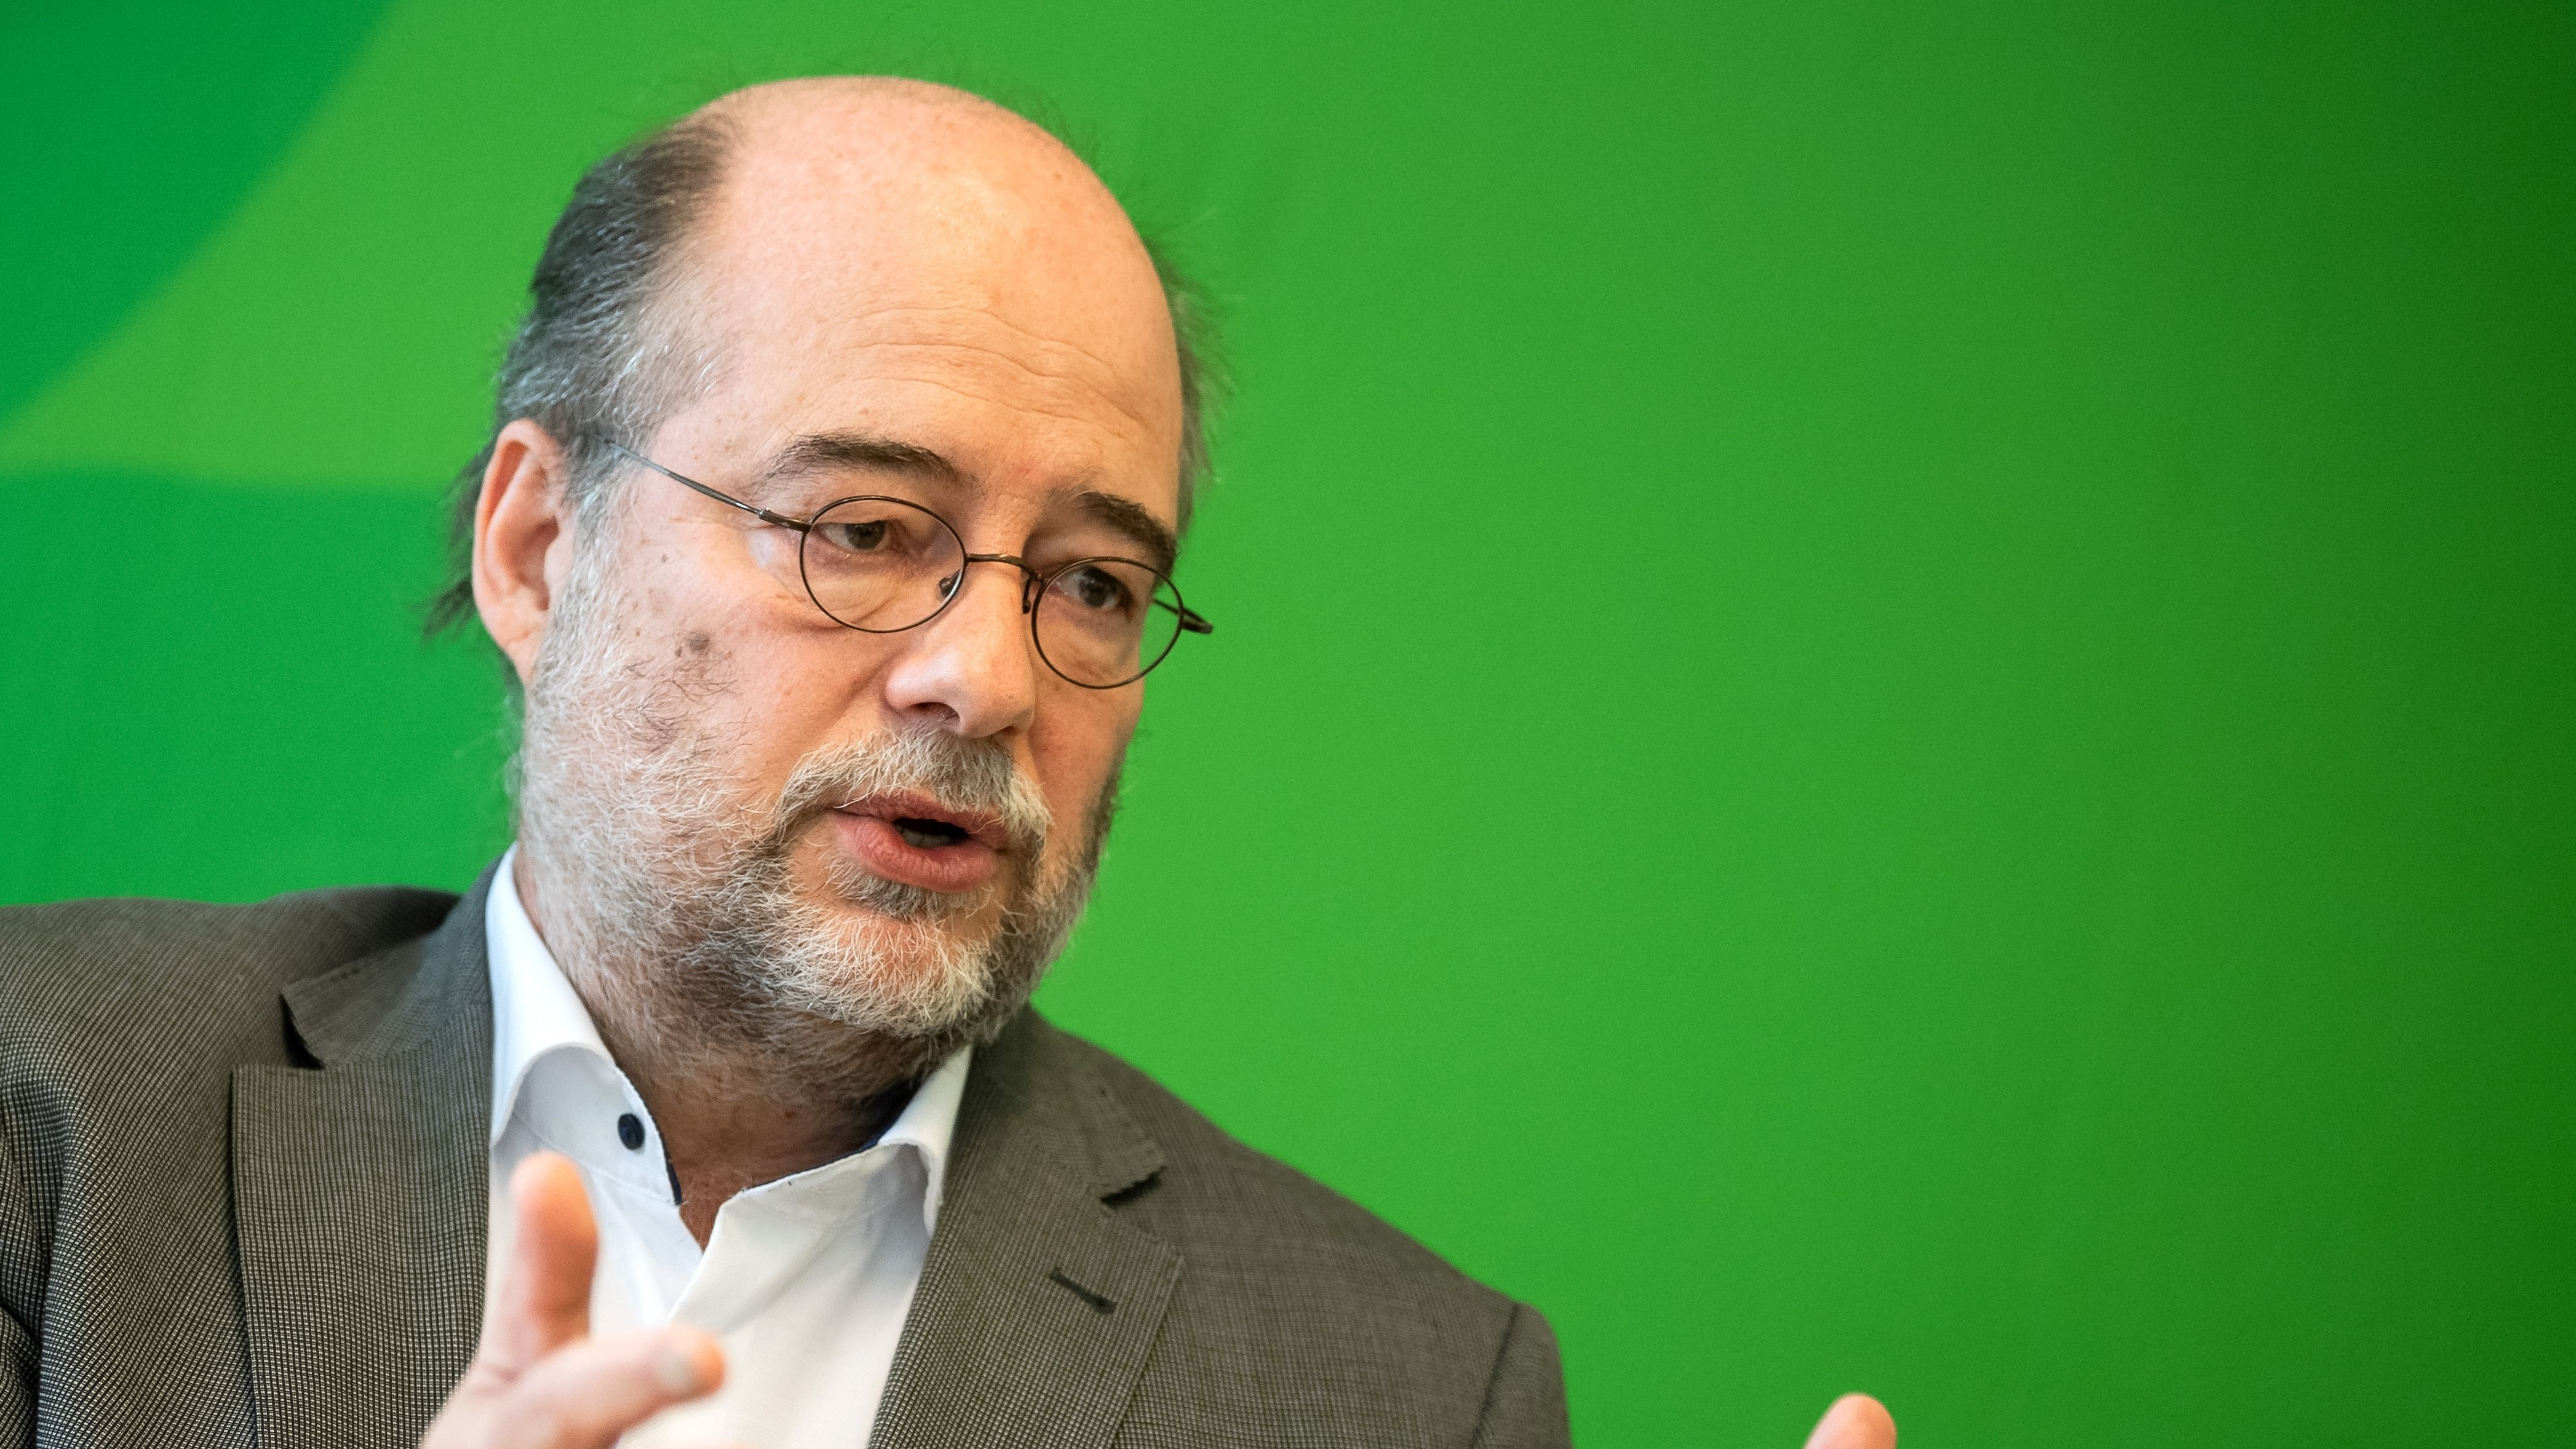 Bayerischer Grünen-Vorsitzender Hallitzky